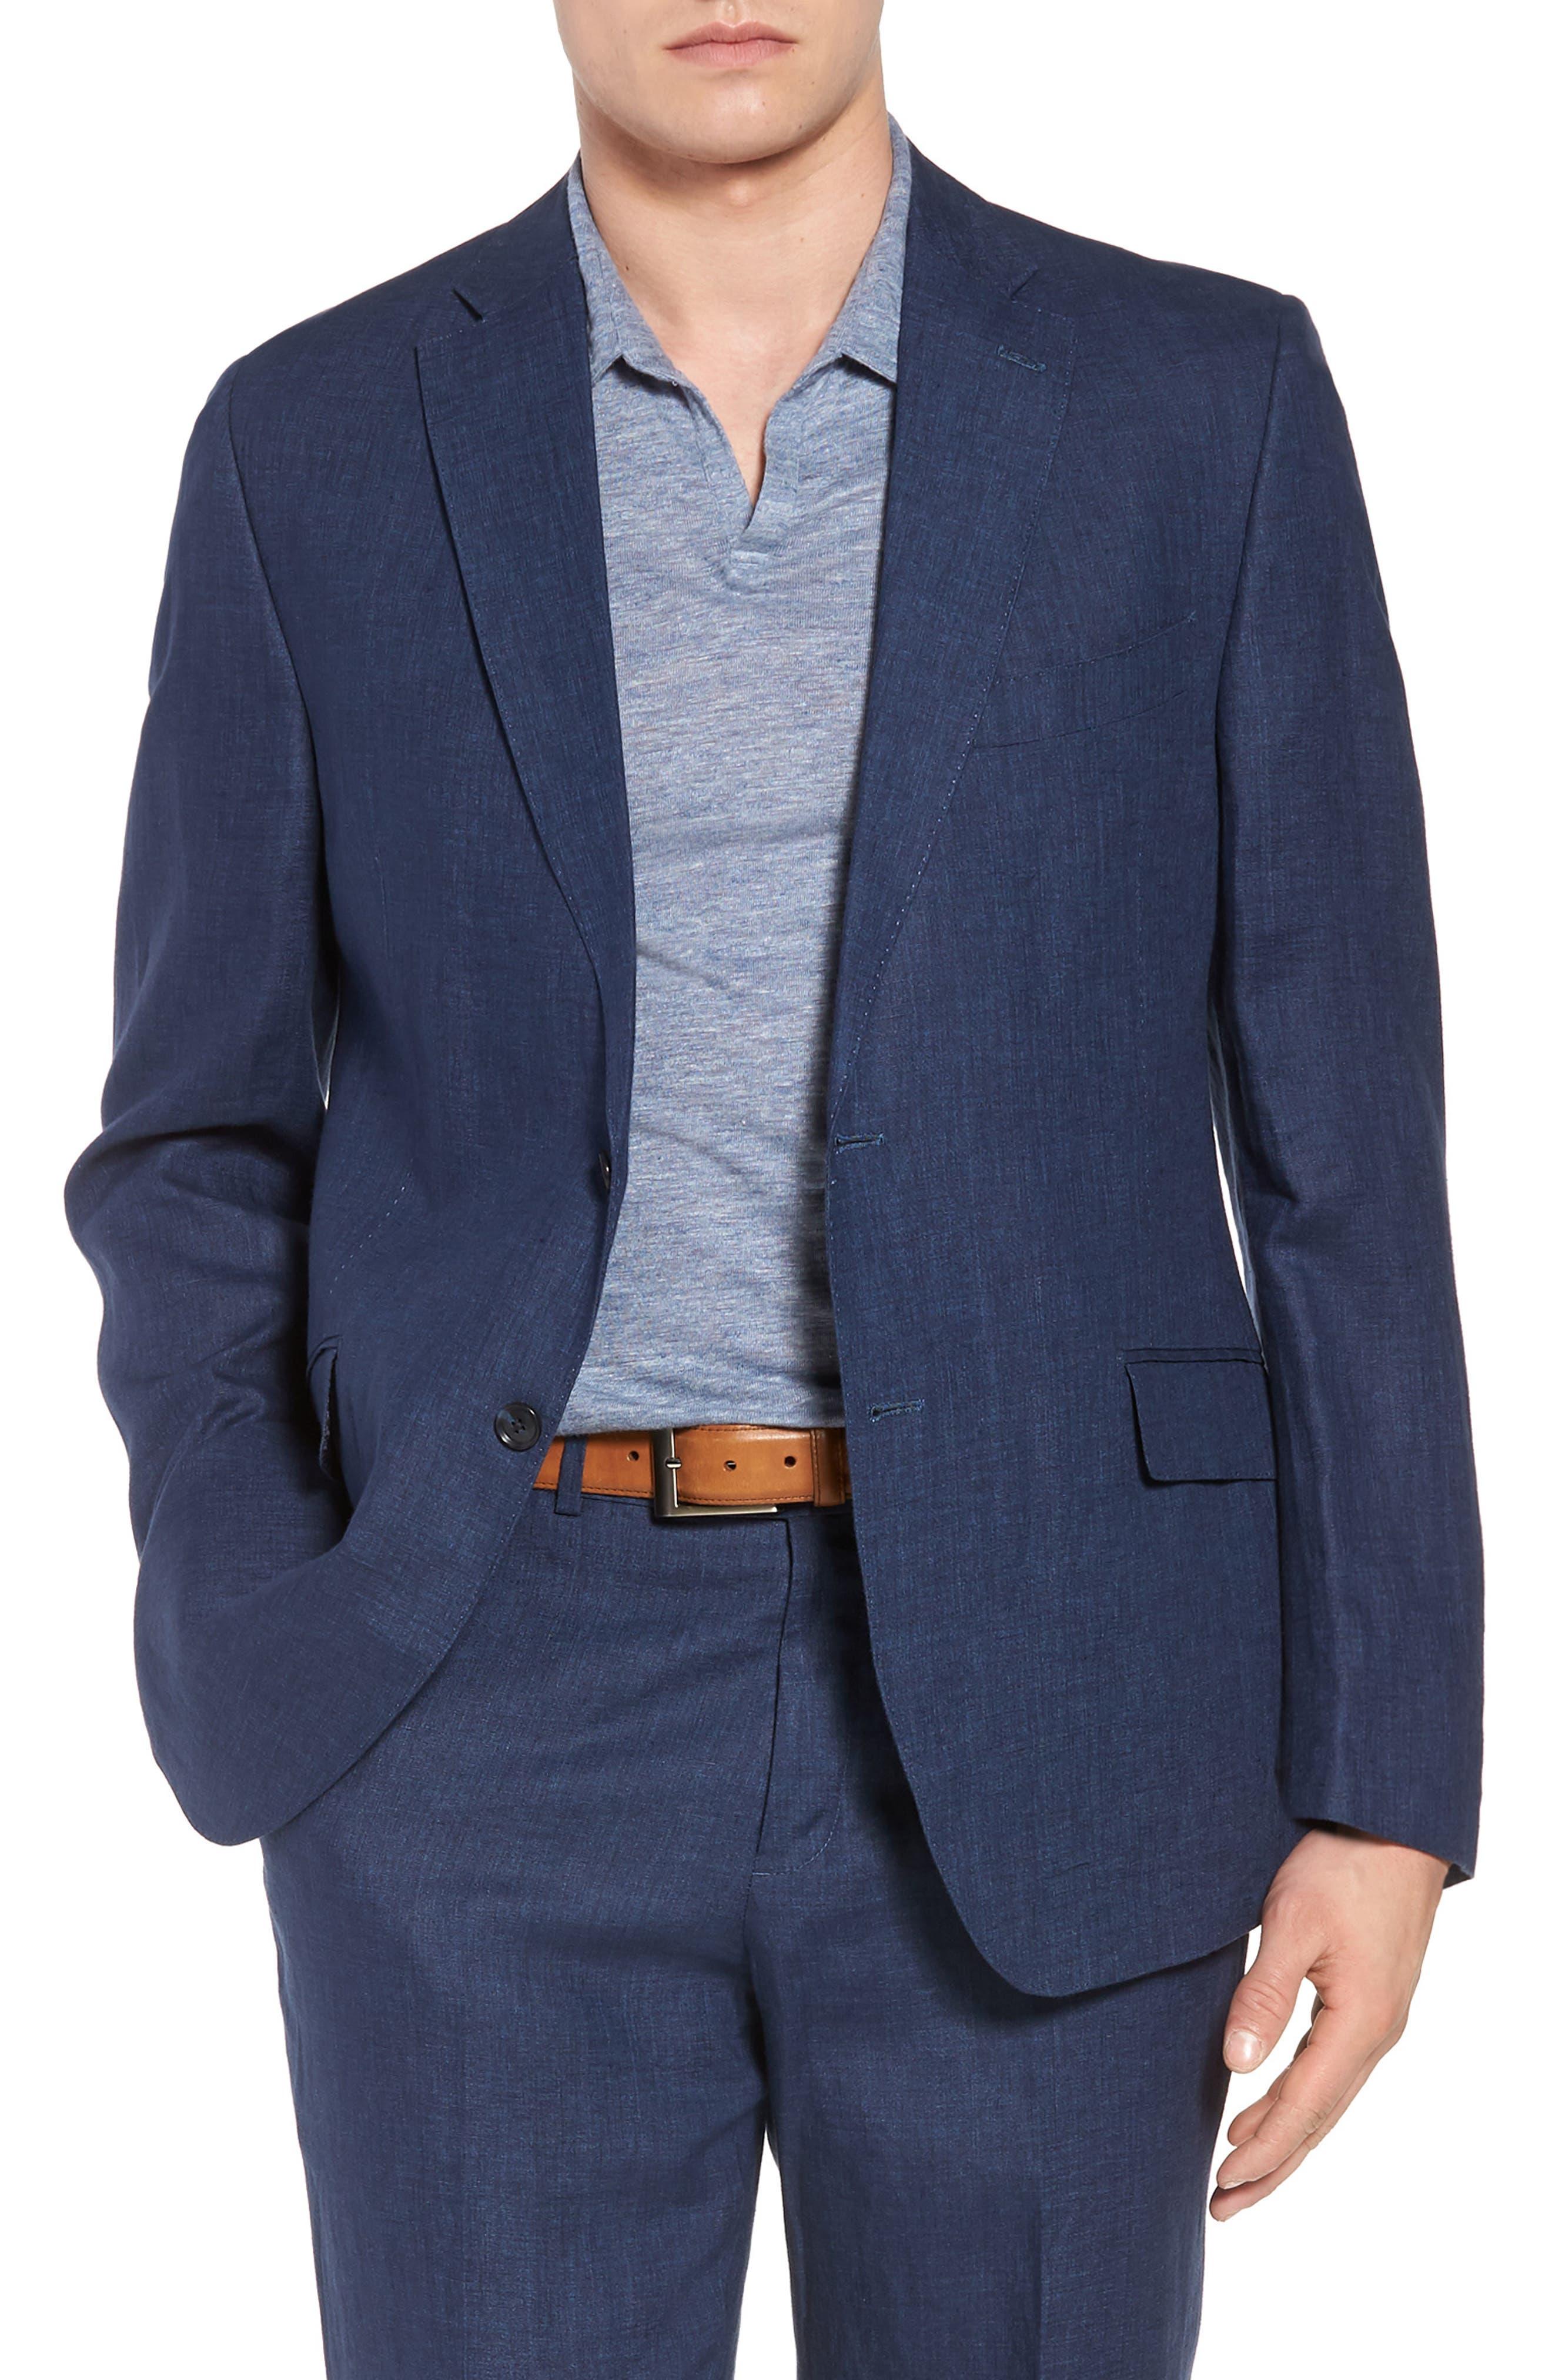 Jack AIM Classic Fit Linen Blazer,                             Main thumbnail 1, color,                             NAVY